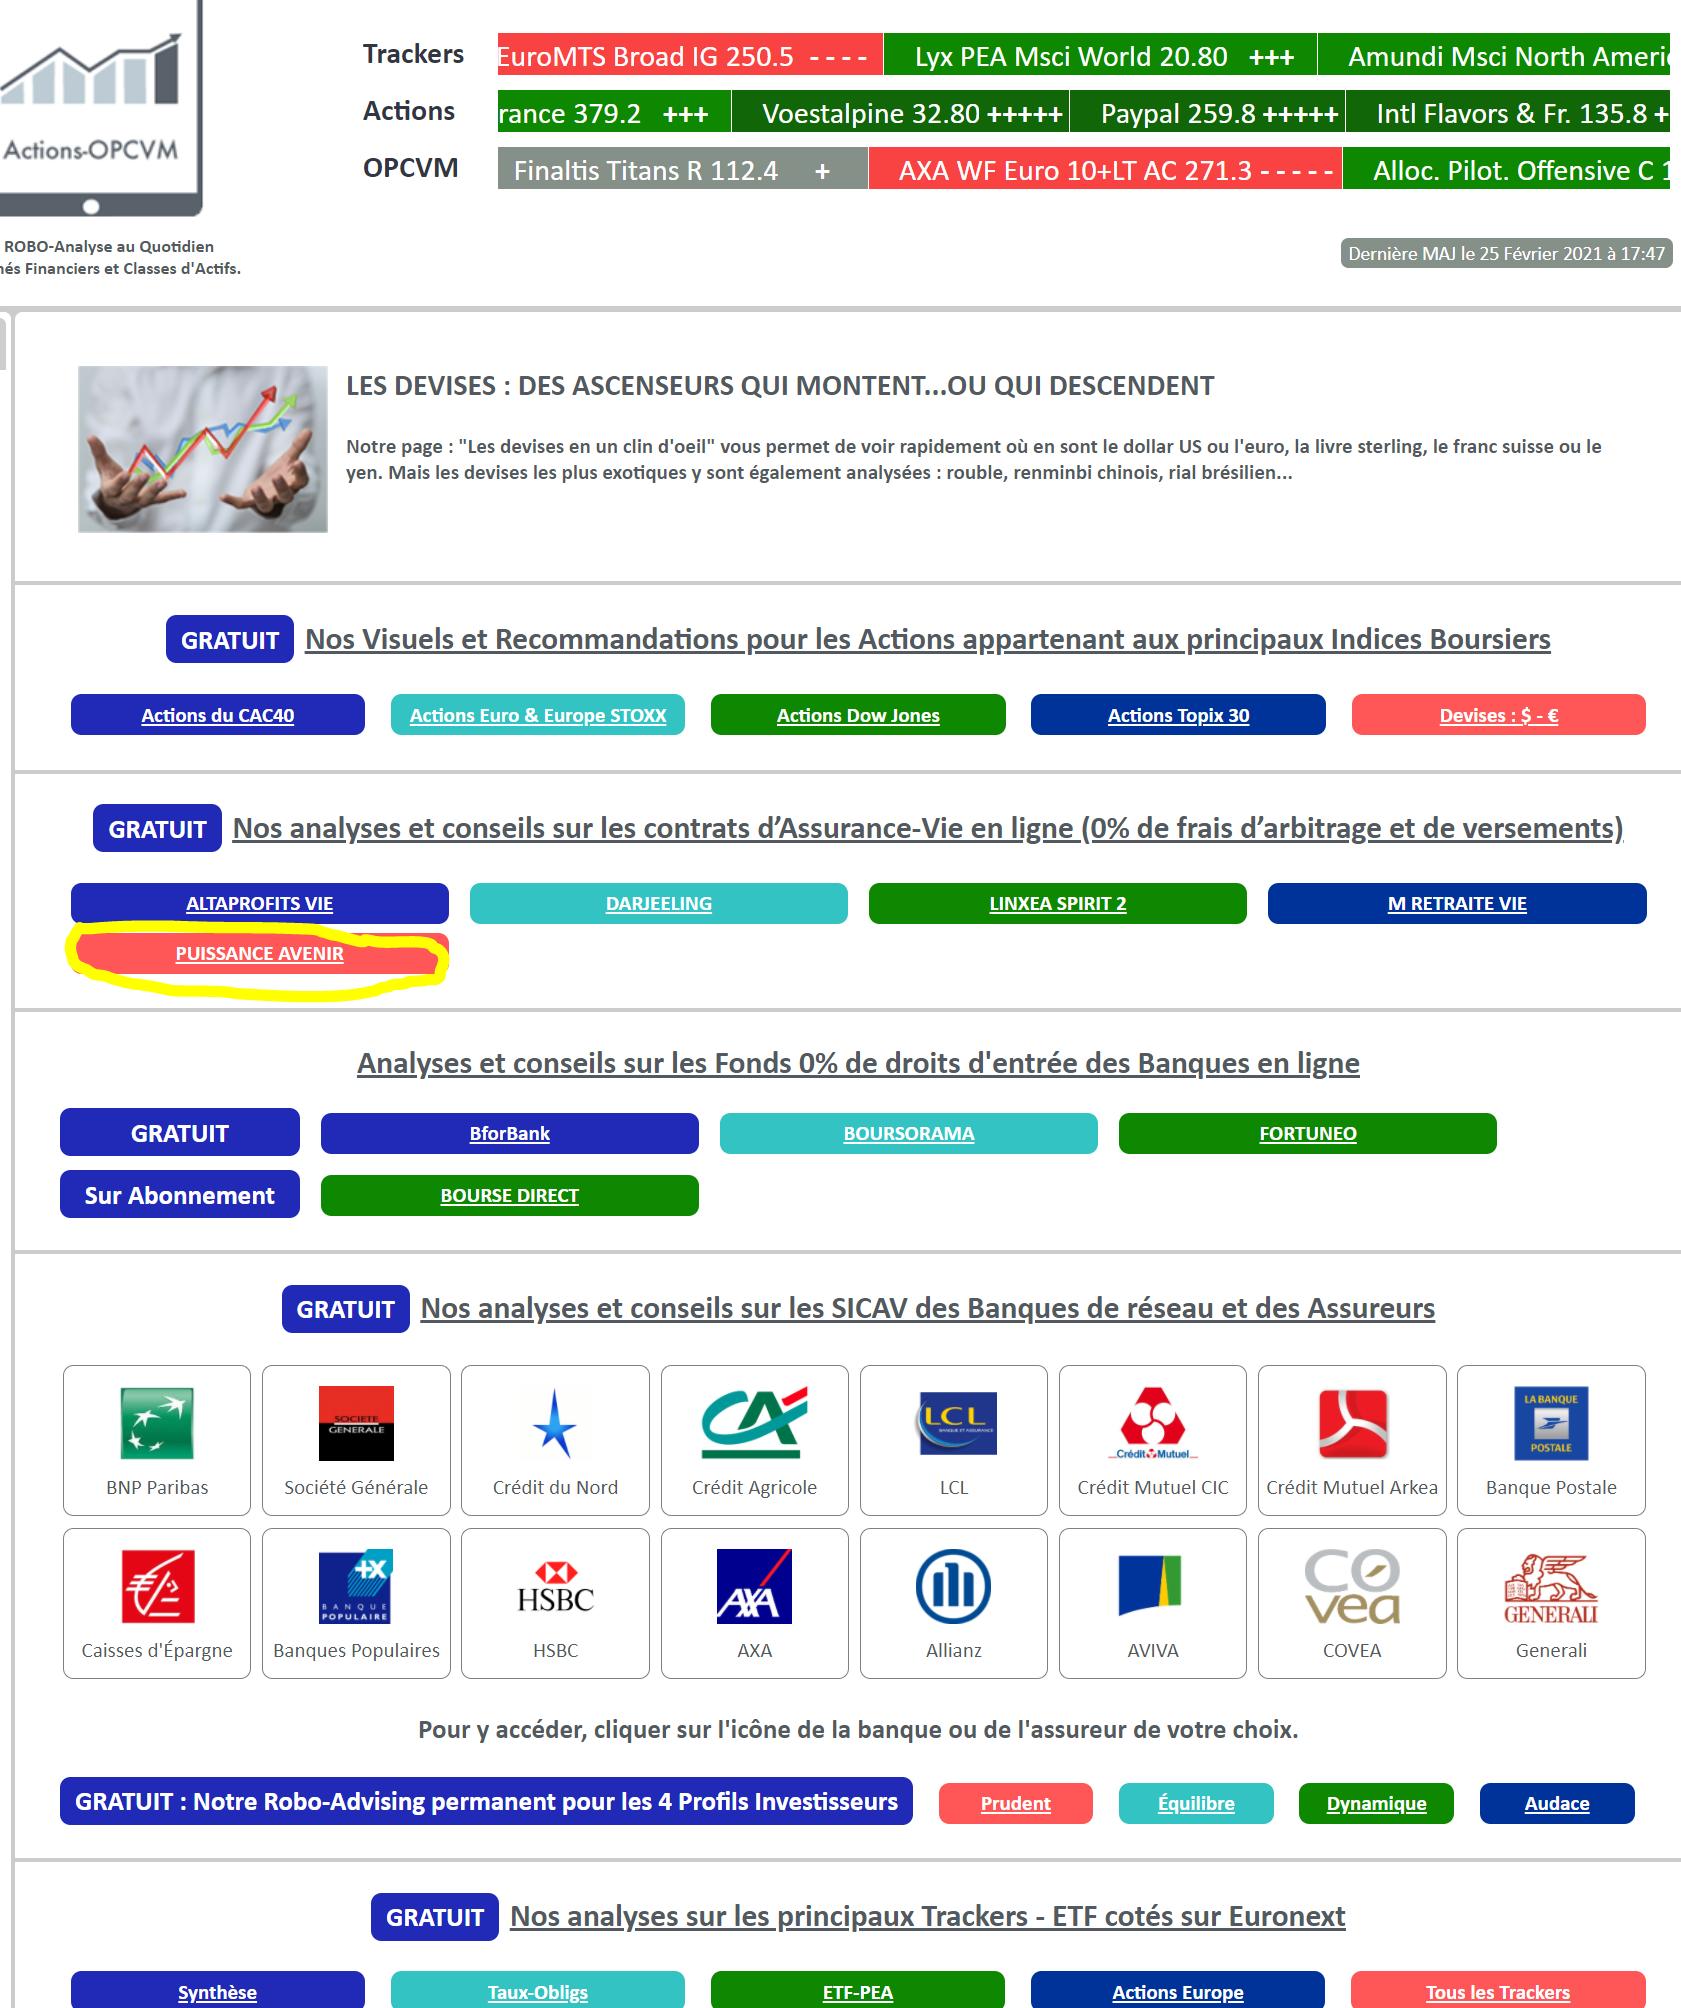 Site Actions-OPCVM.com - Extrat de la page d'Accueil